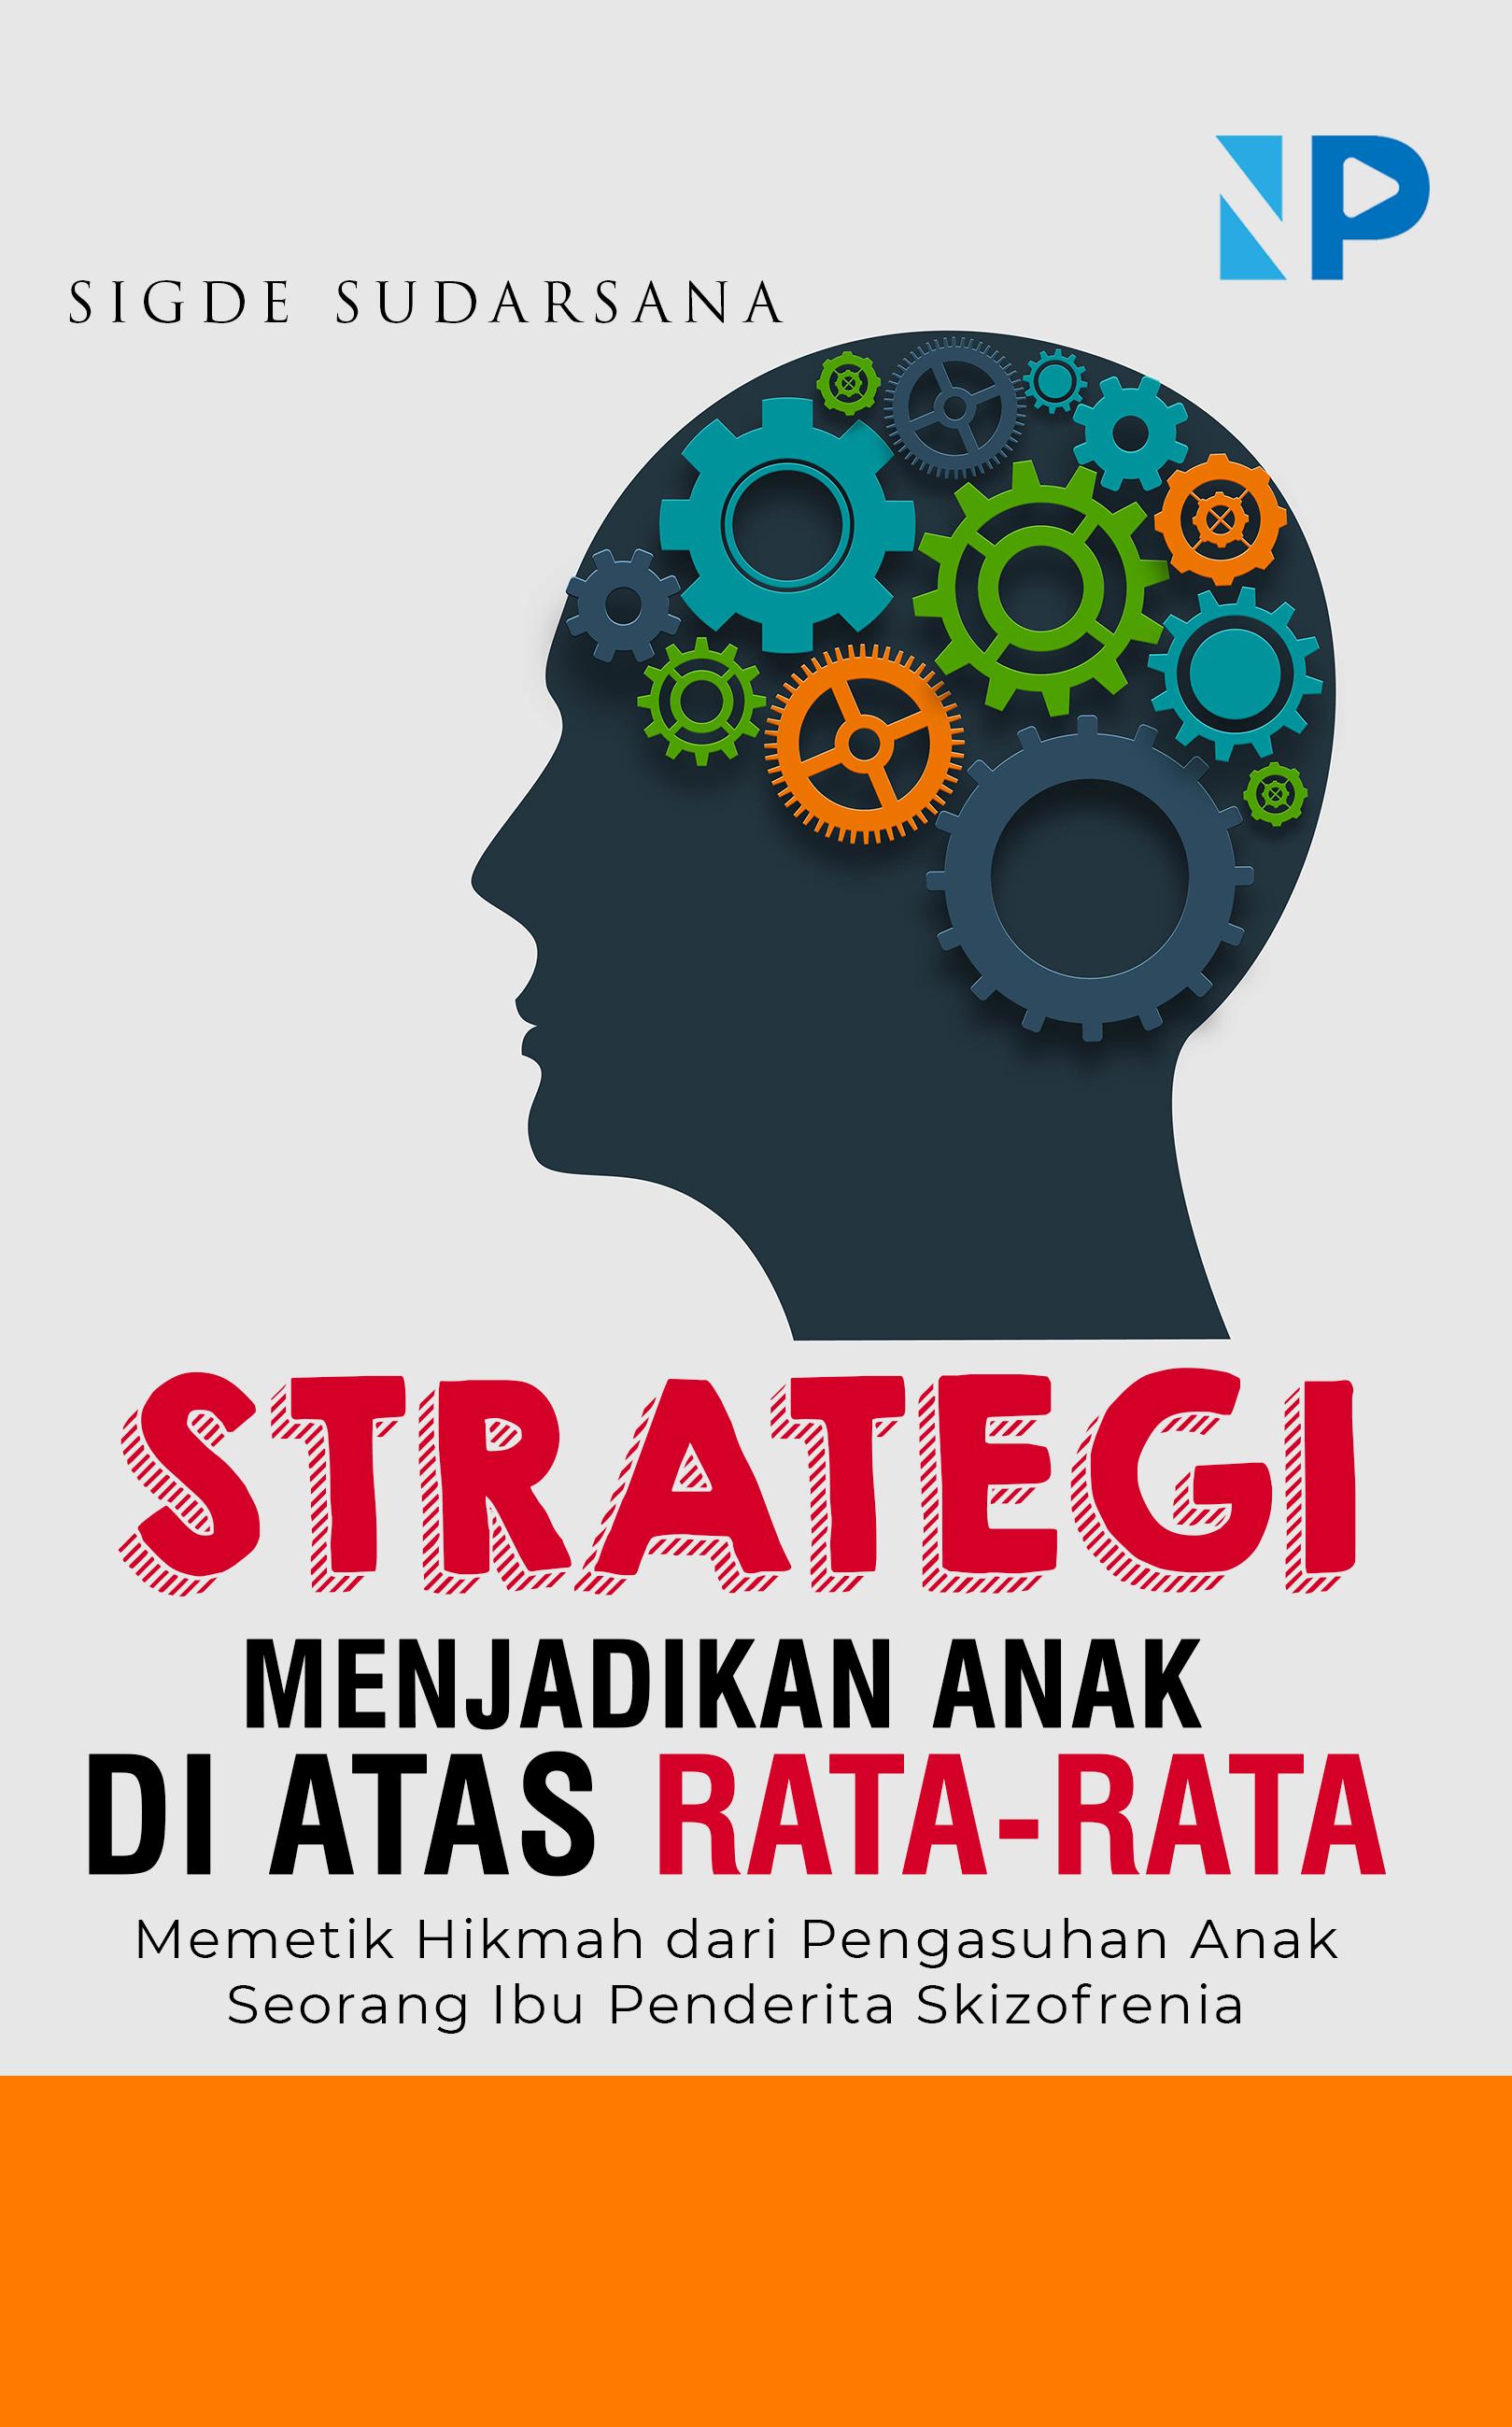 Strategi menjadikan anak-anak di atas rata-rata [sumber elektronis]